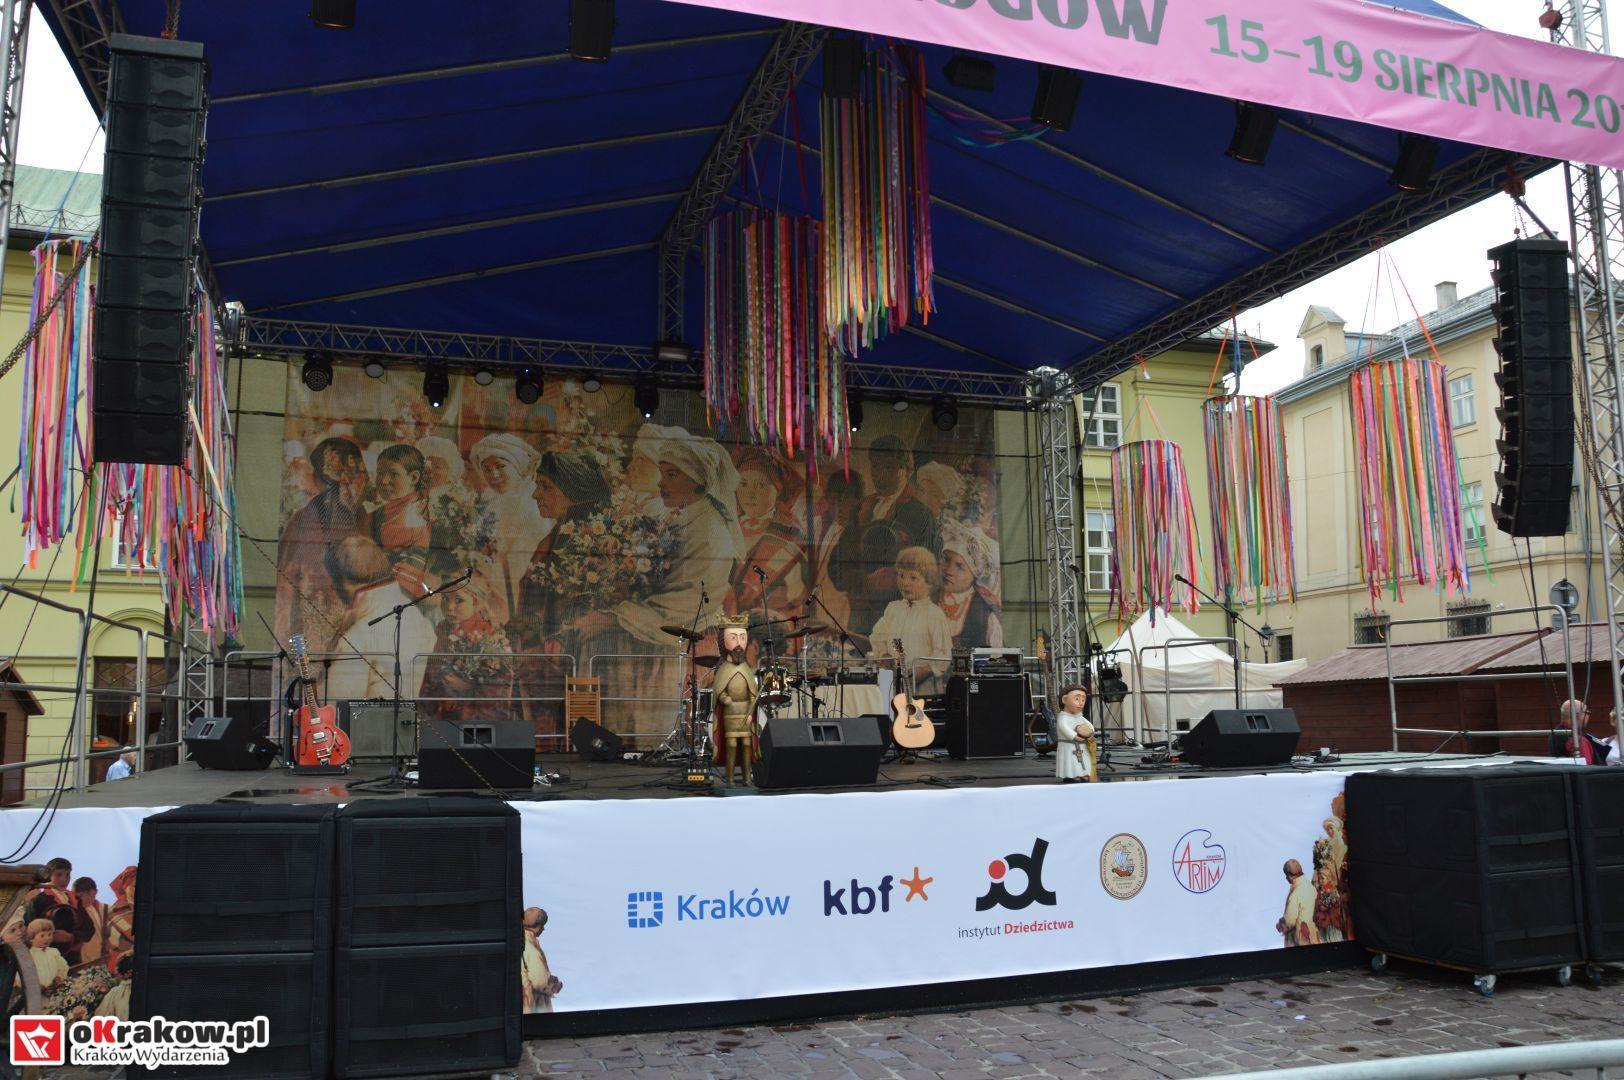 krakow festiwal pierogow maly rynek koncert cheap tobacco 1 150x150 - Galeria zdjęć Festiwal Pierogów Kraków 2018 + zdjęcia z koncertu Cheap Tobacco